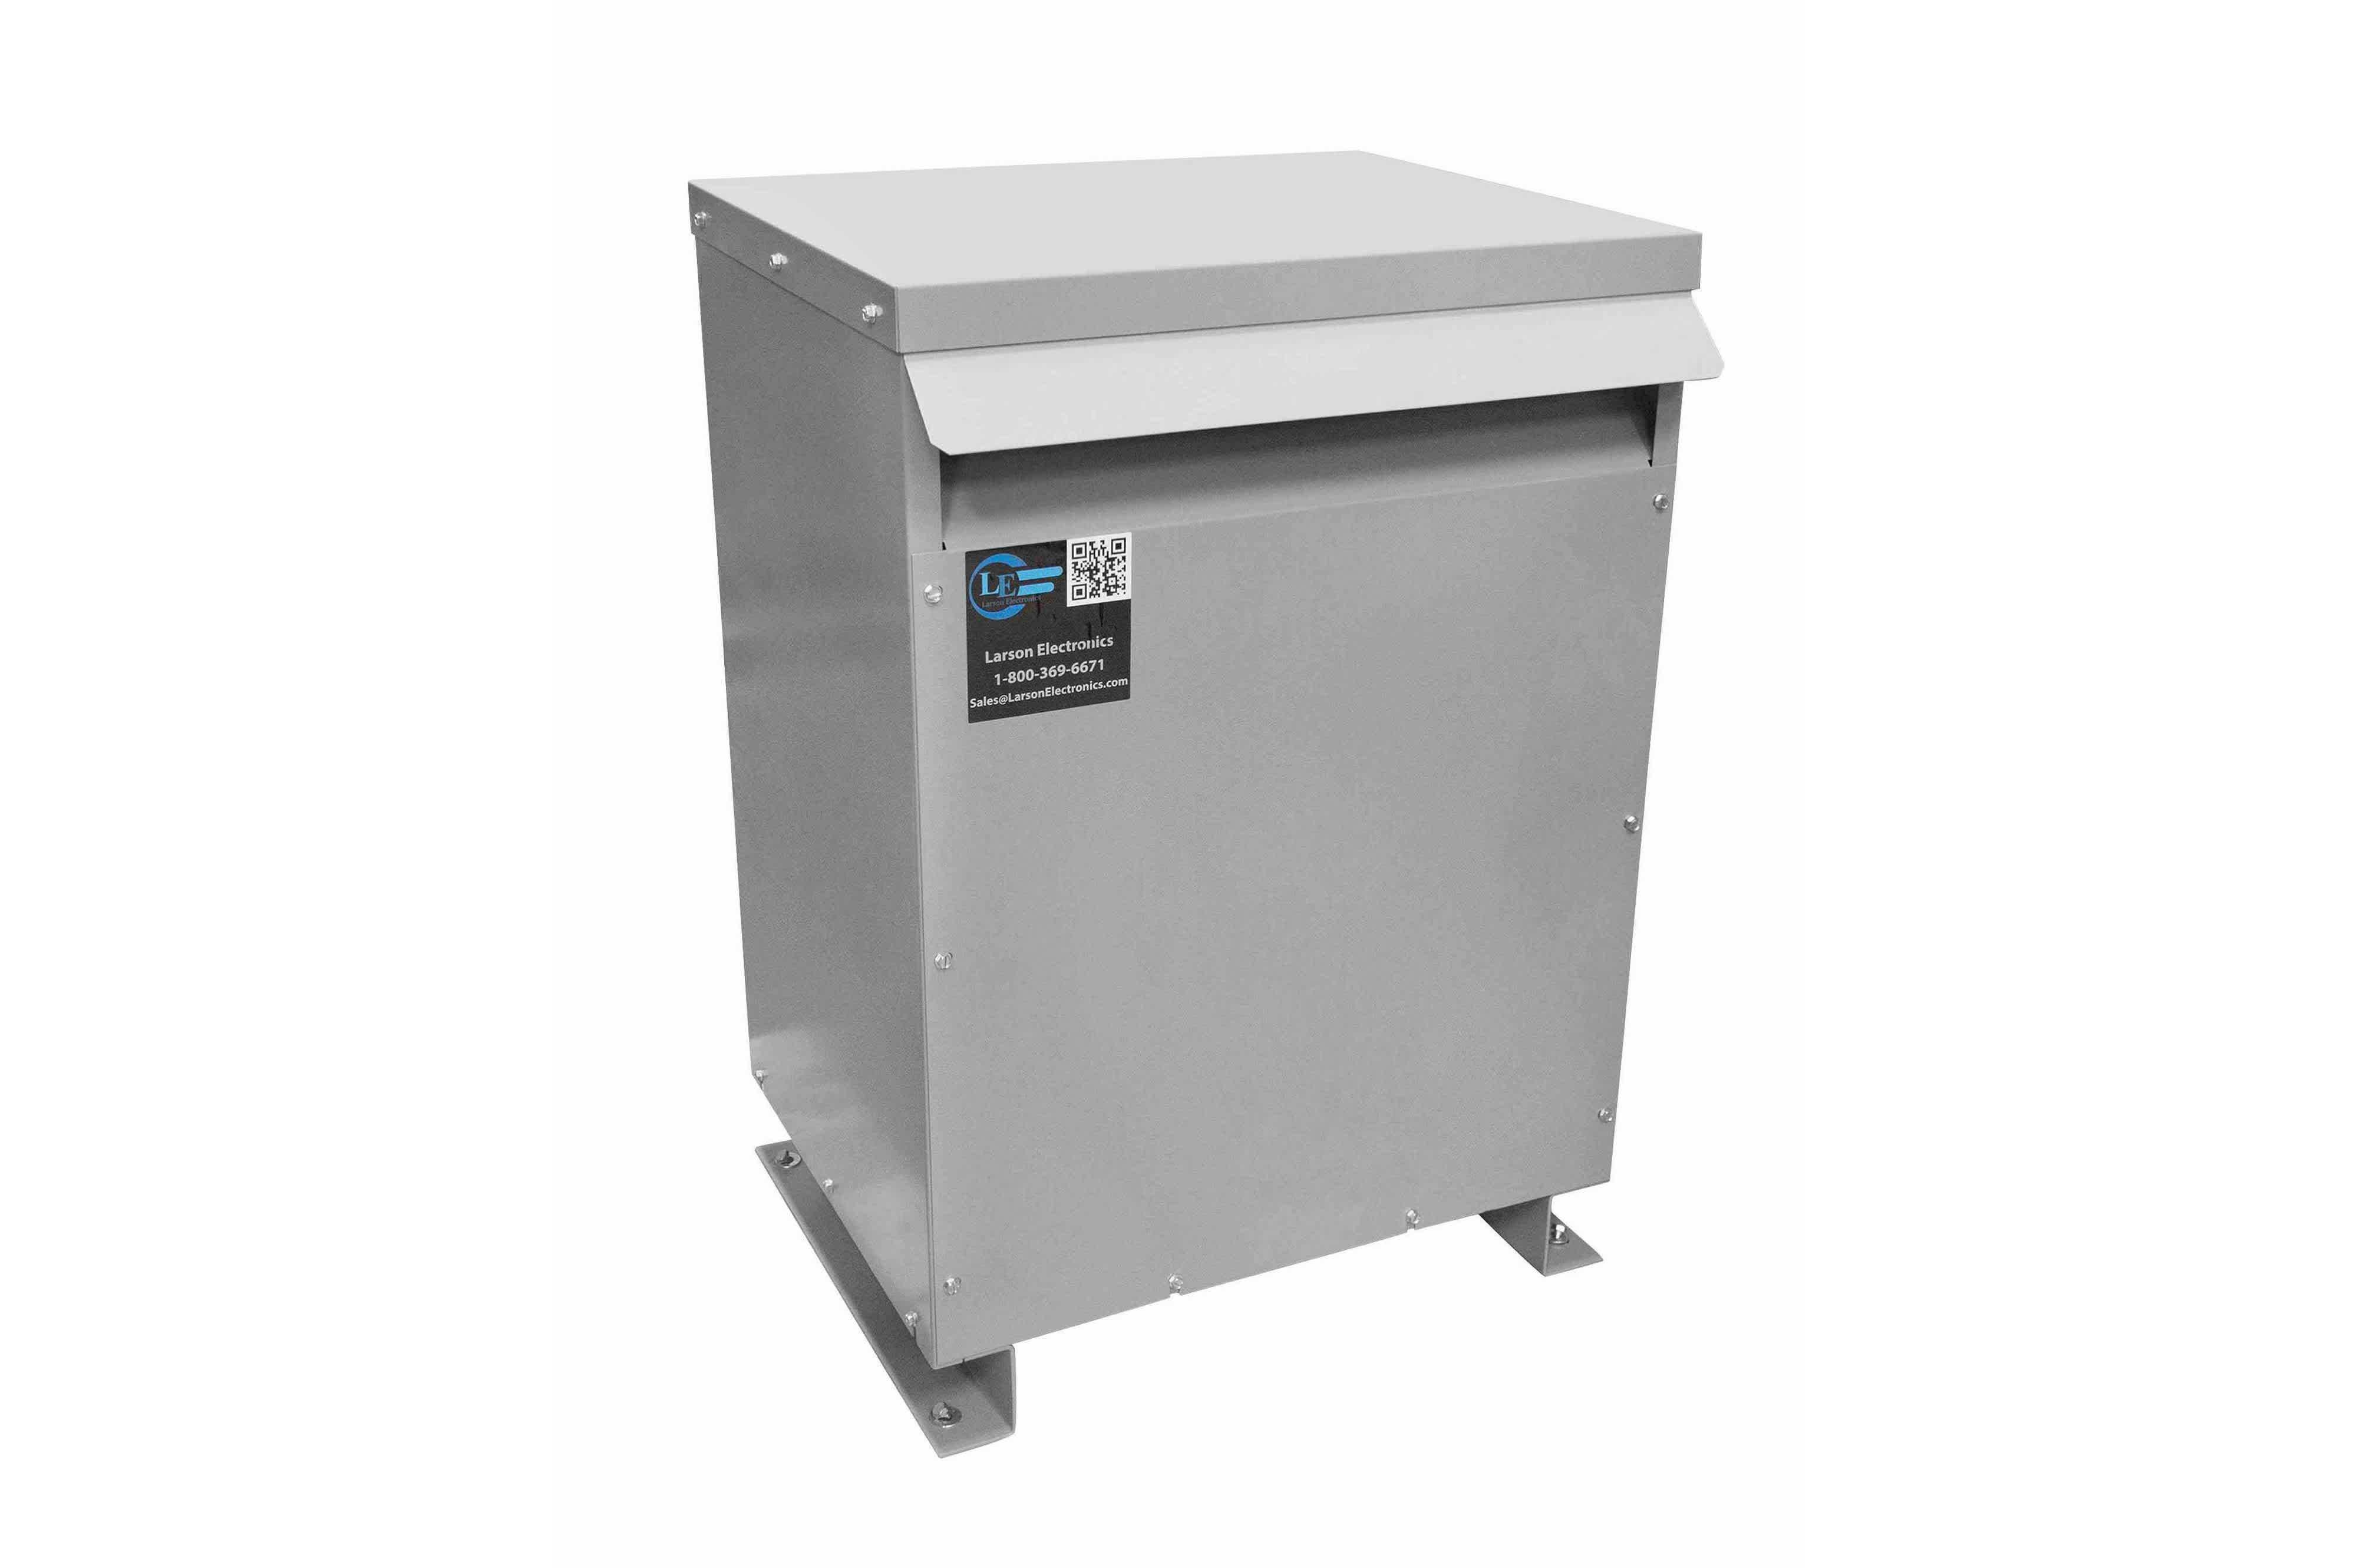 115 kVA 3PH Isolation Transformer, 460V Delta Primary, 240 Delta Secondary, N3R, Ventilated, 60 Hz